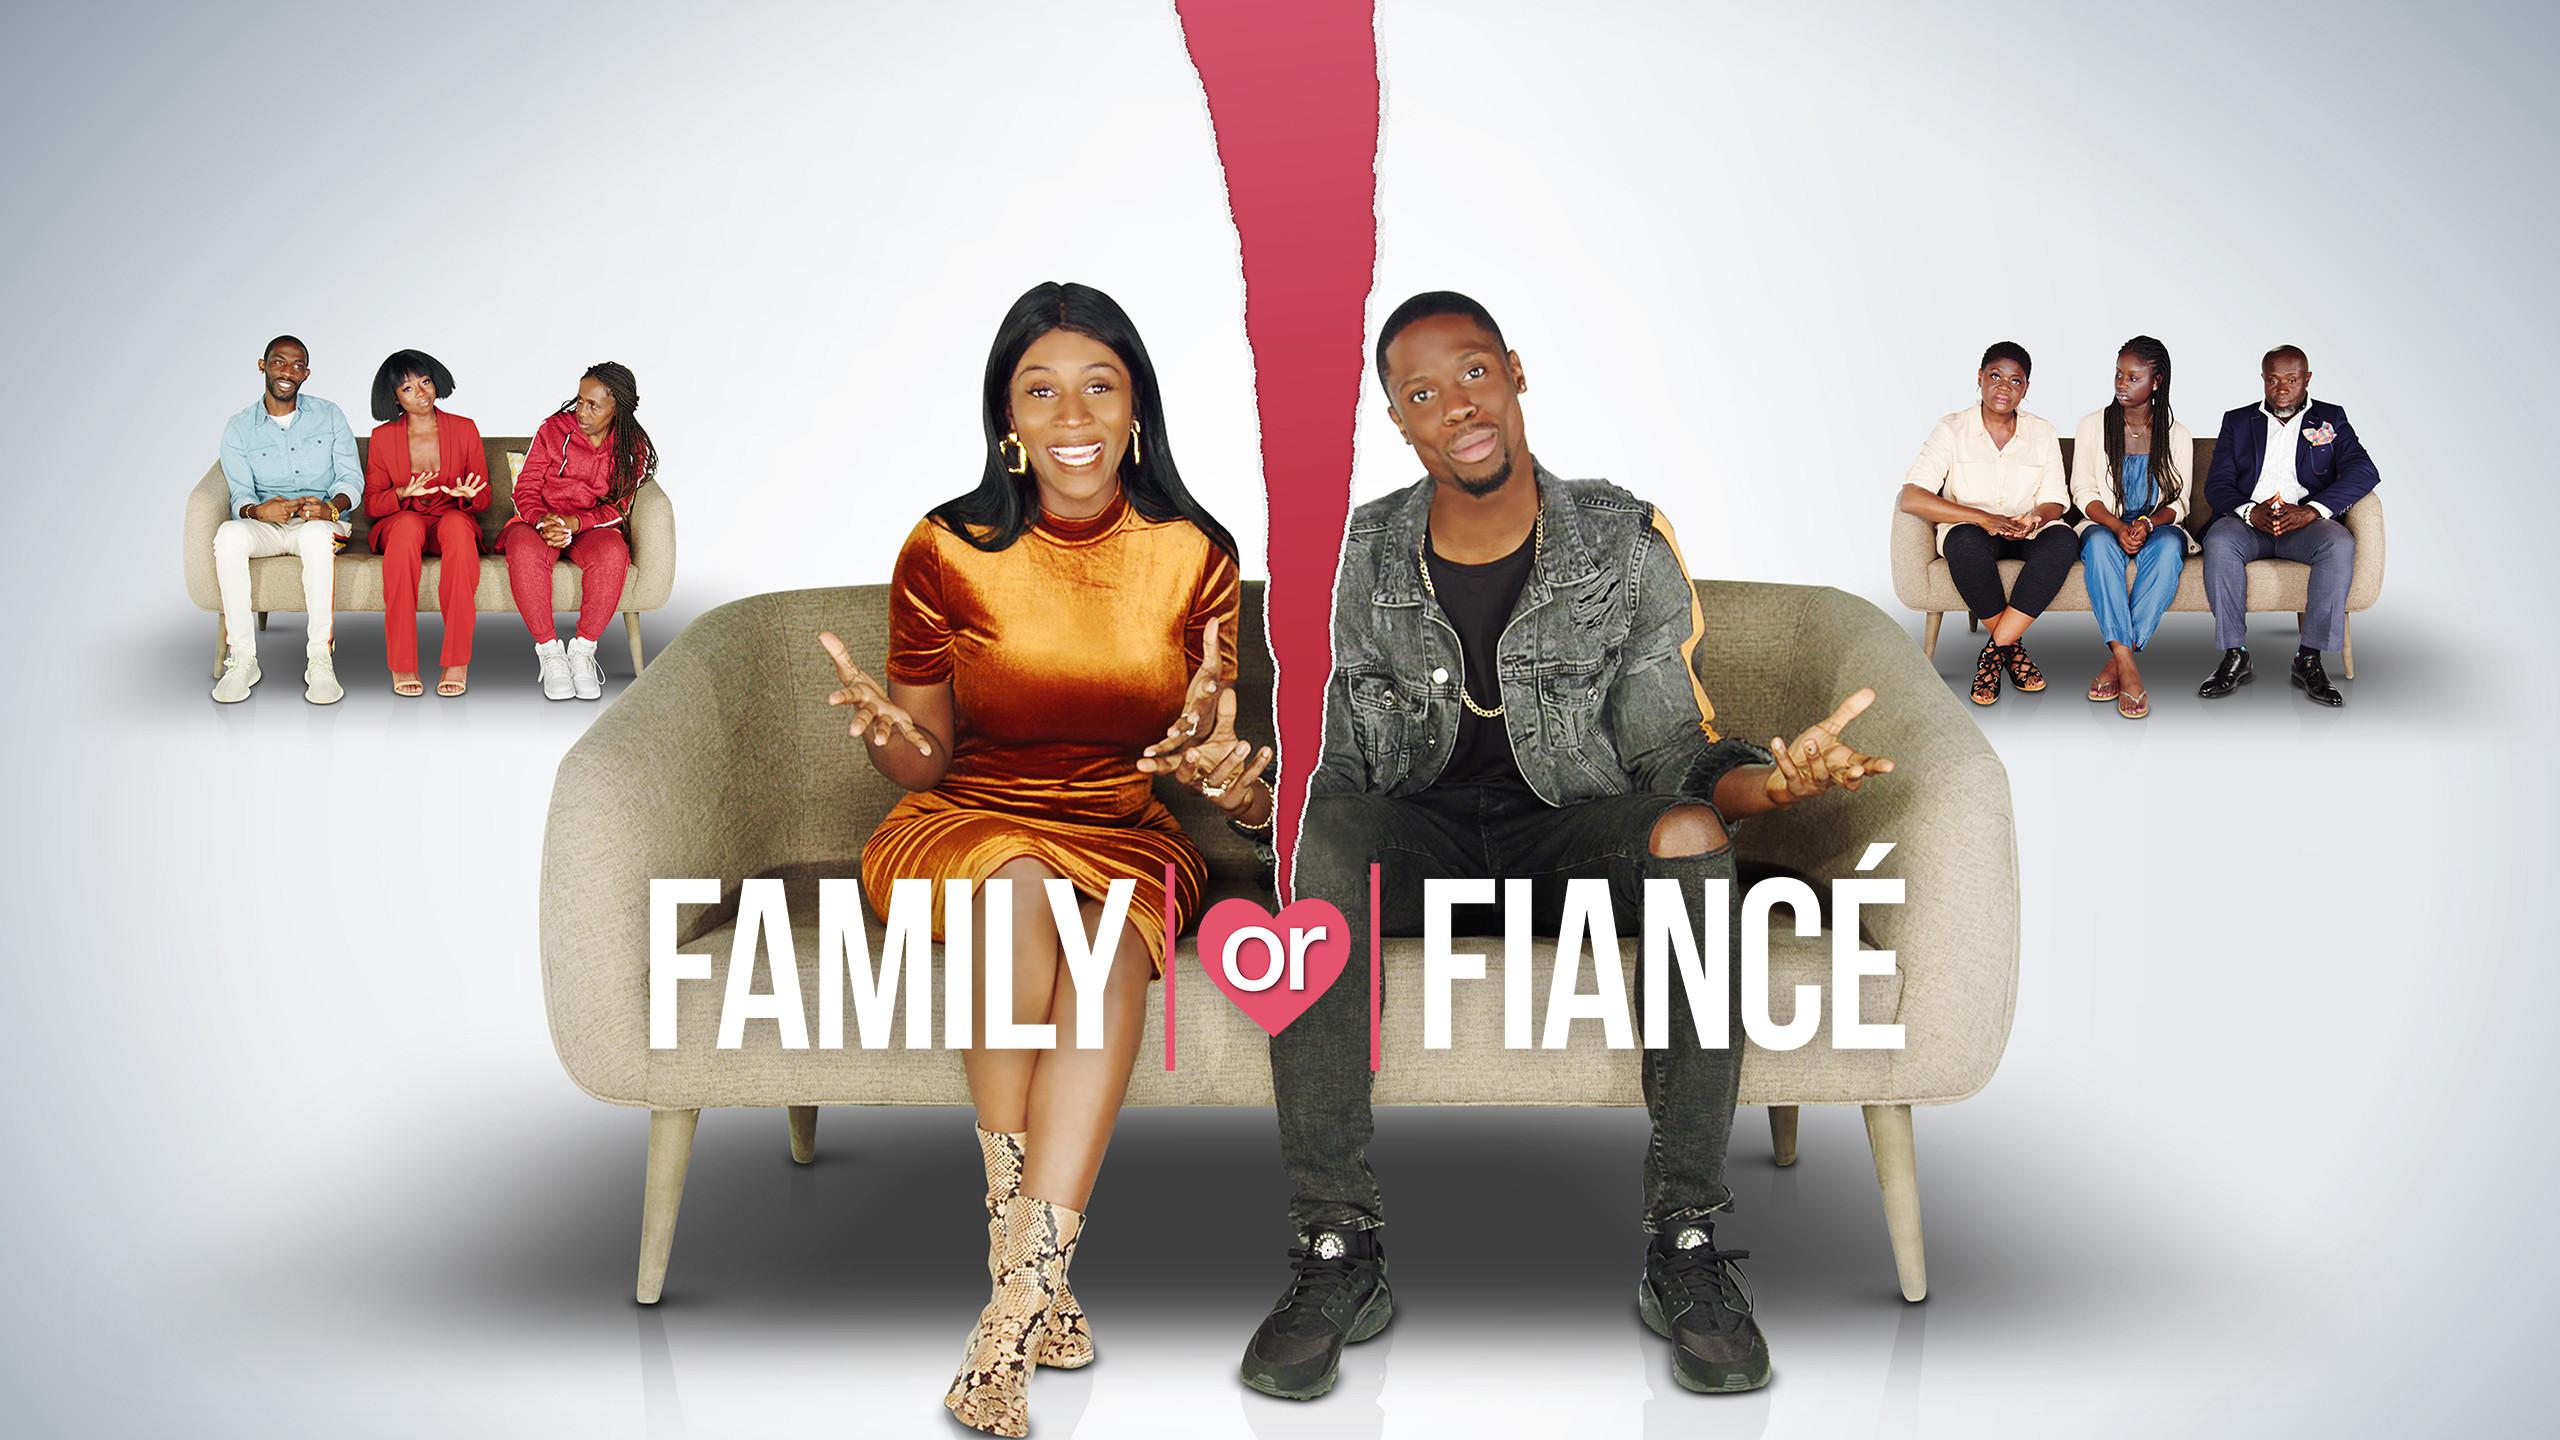 familyorfiance logo